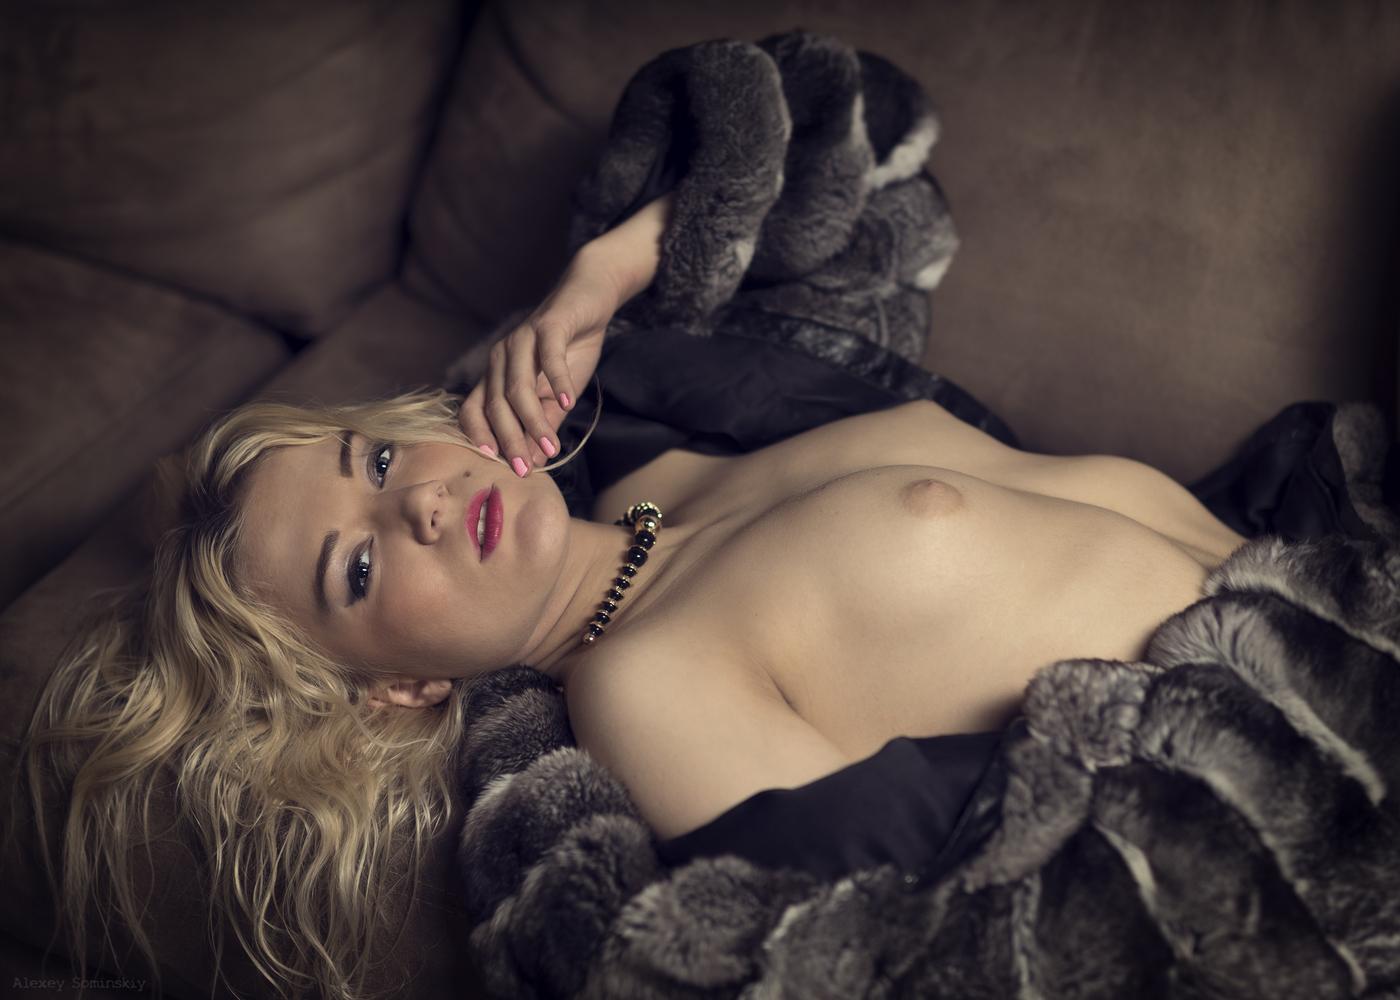 Эротические фотографи женские 13 фотография